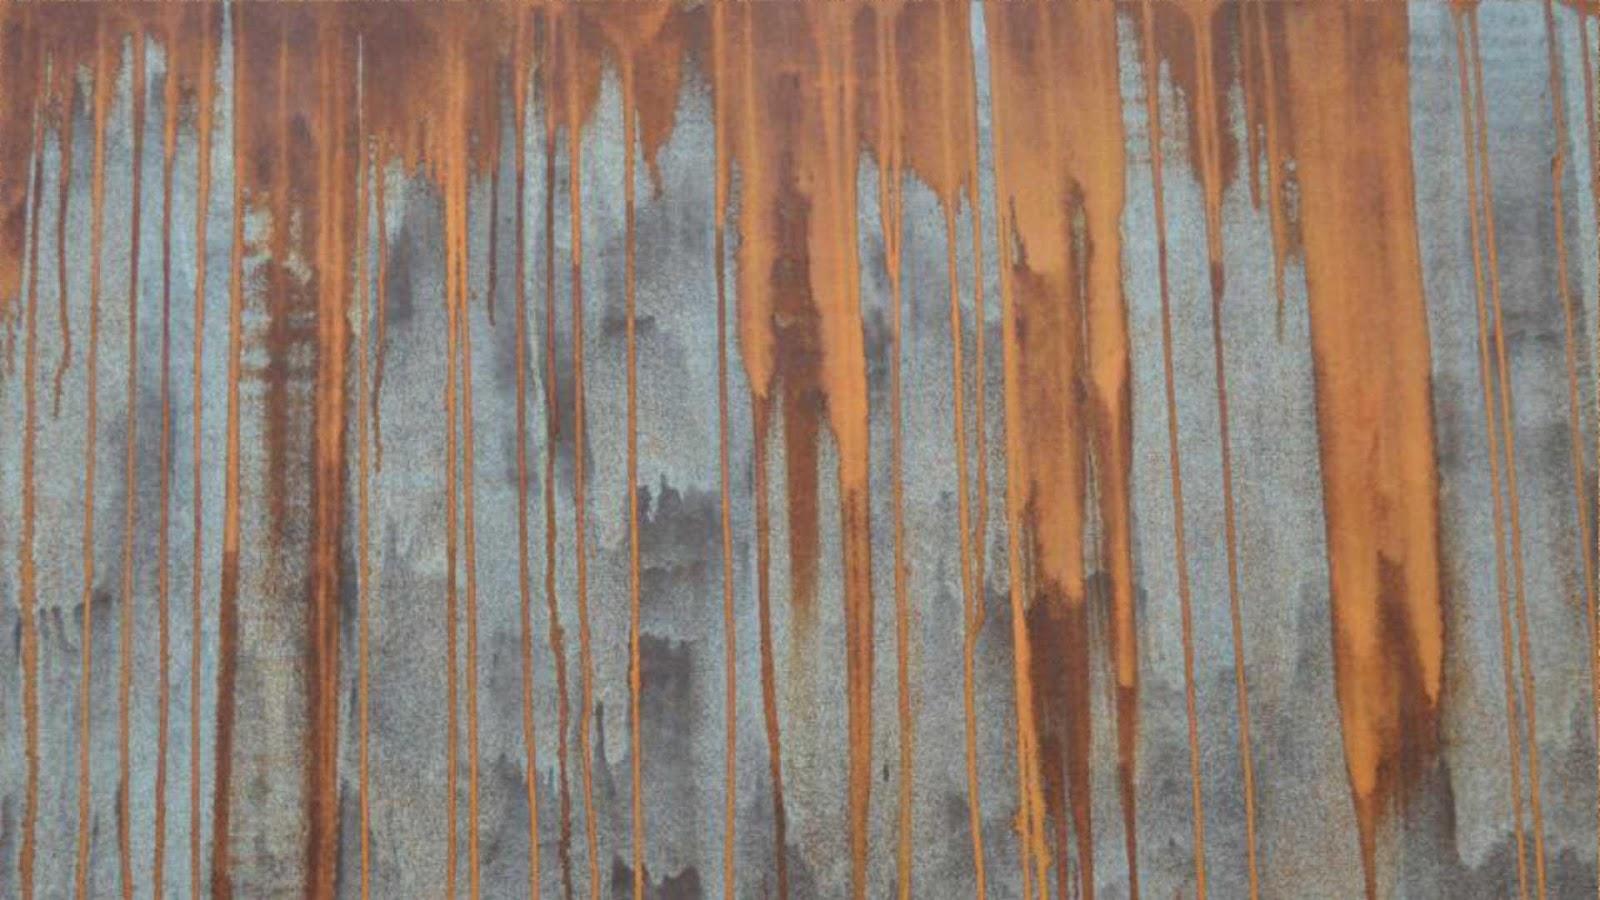 Những điều cần biết về sơn gỉ sét trong trang trí nội thất